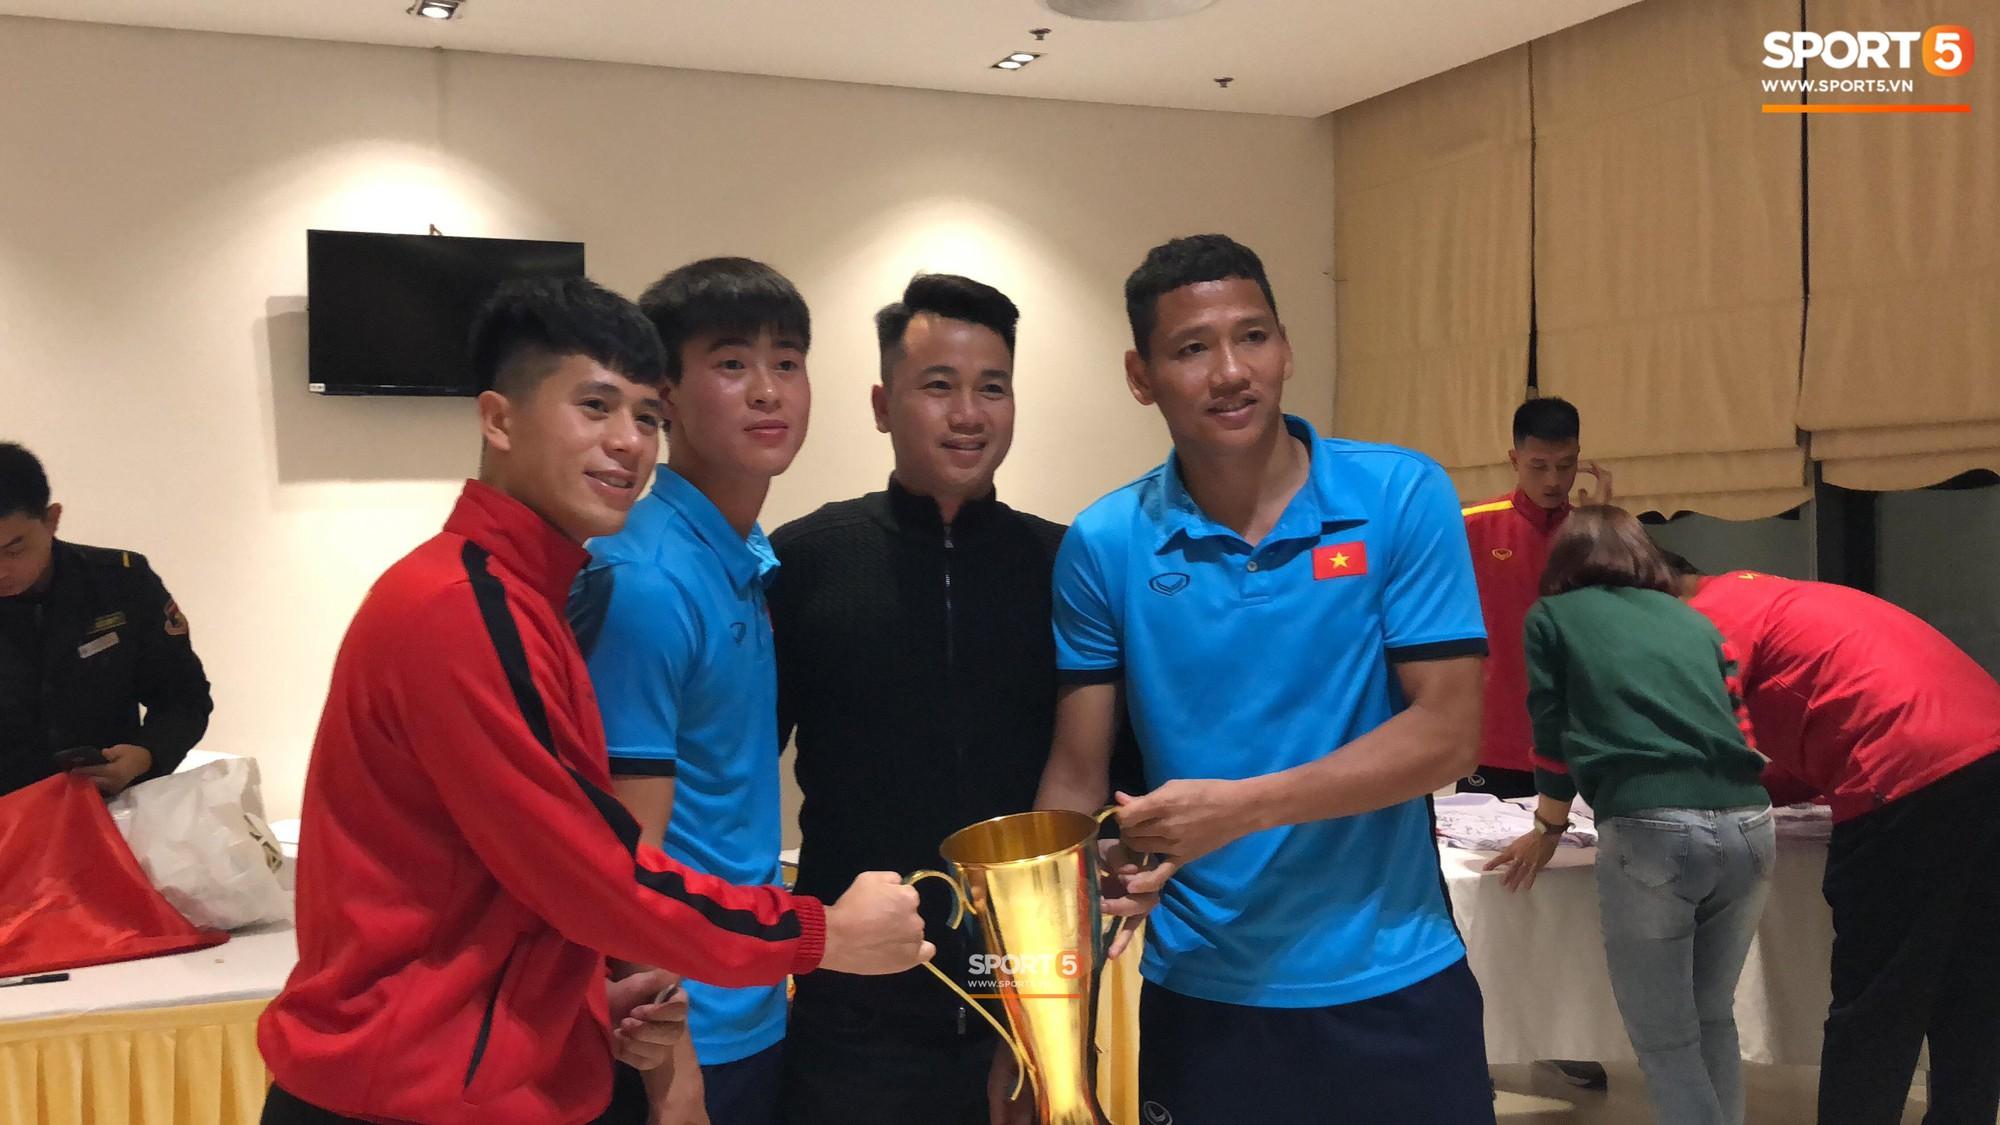 Cúp vô địch mini Việt Nam AFF Cup 2018